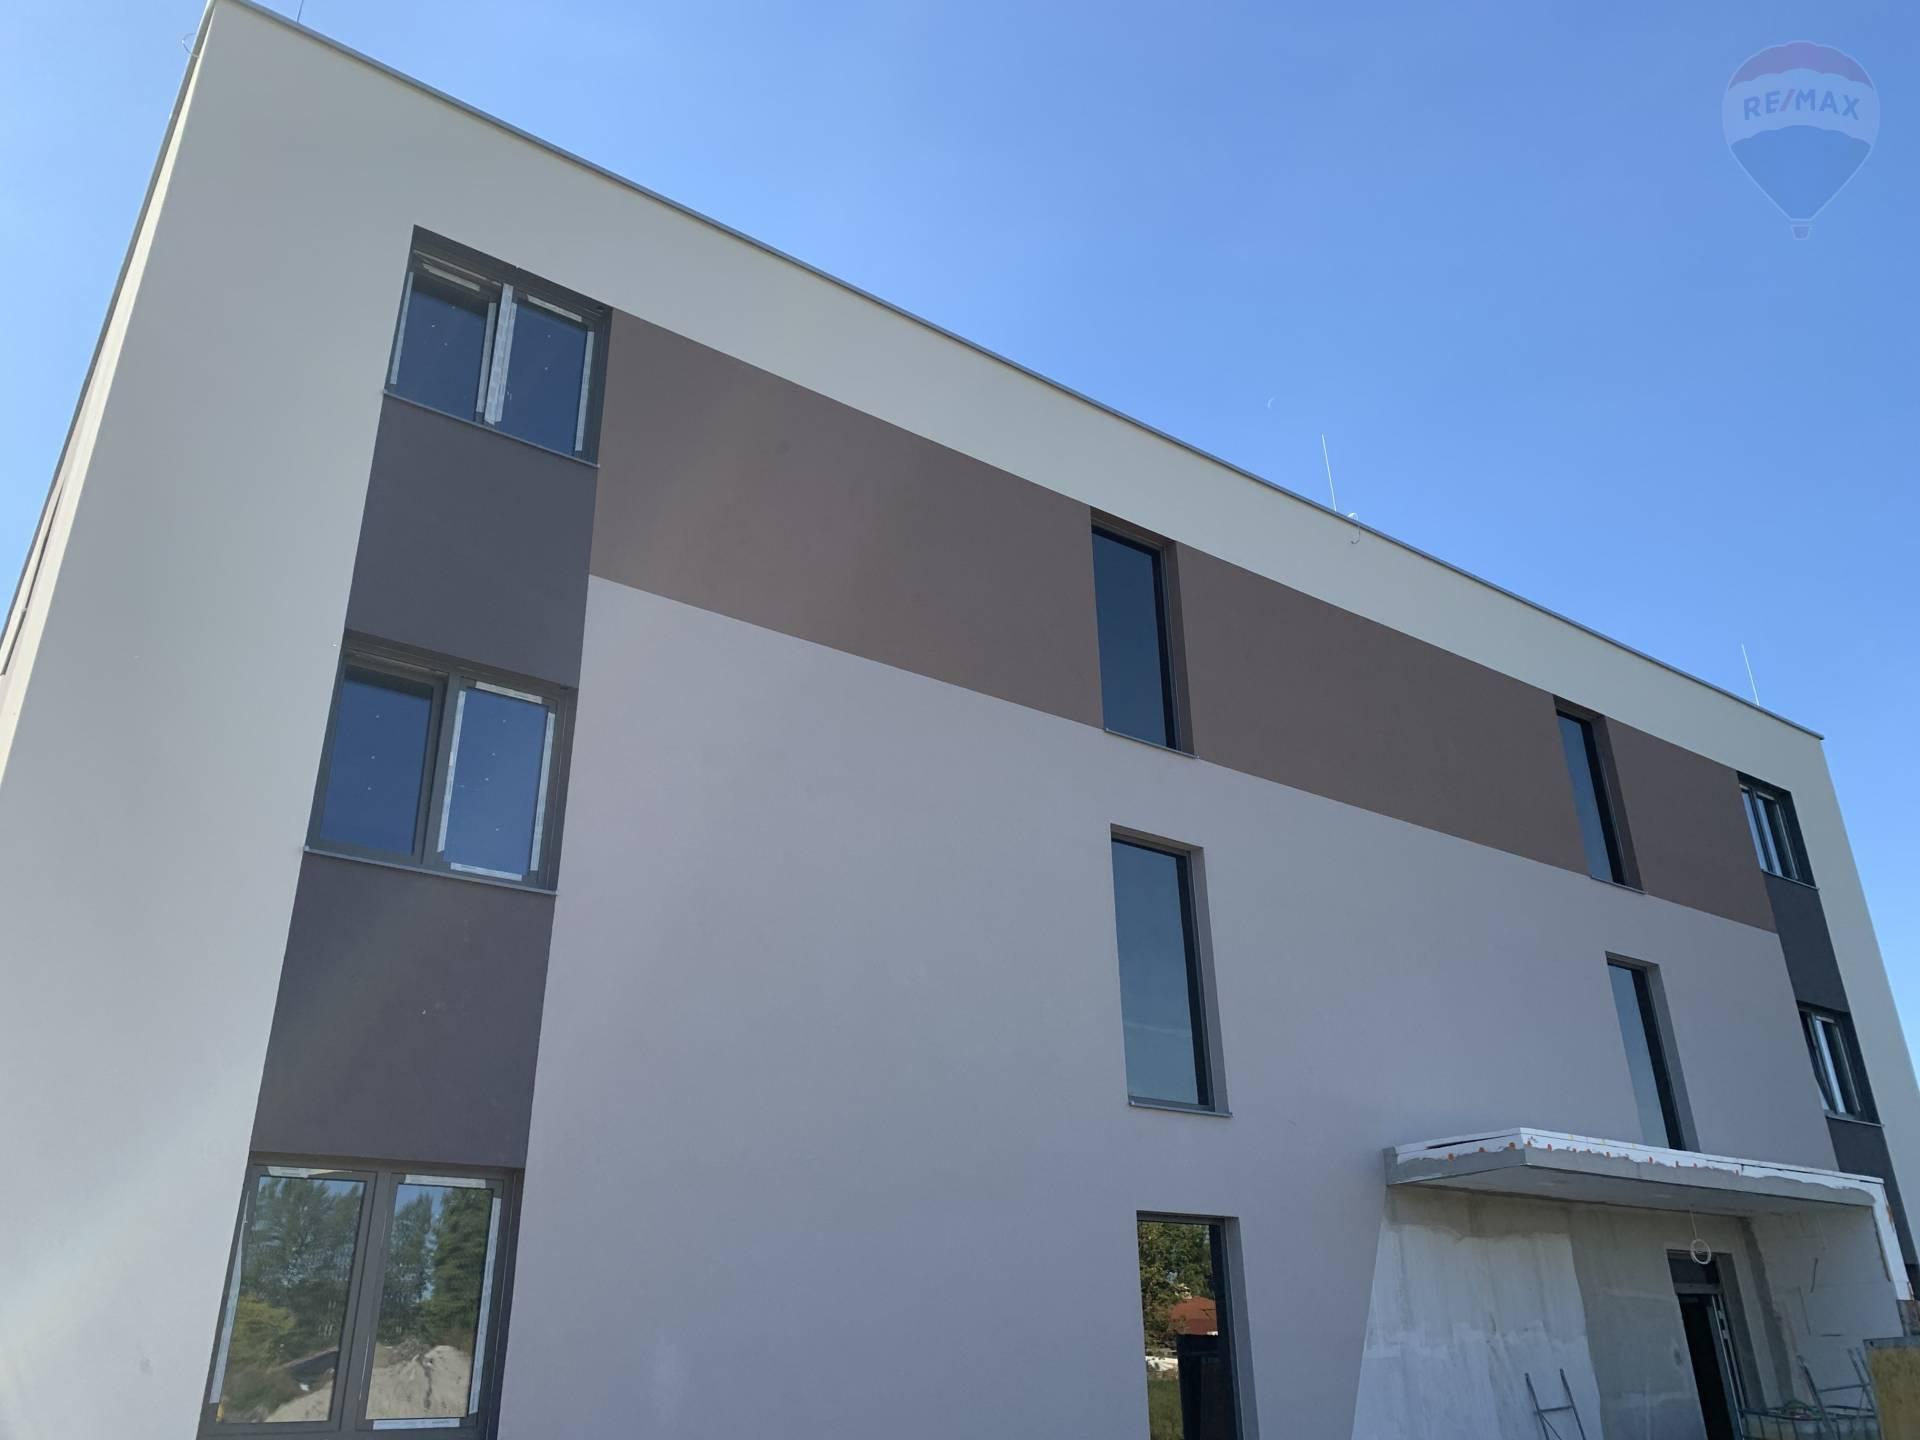 Predaj 3 izbový byt v Dunajskej Strede, Poľná cesta, 85 m2, novostavba, kolaudácia máj 2022